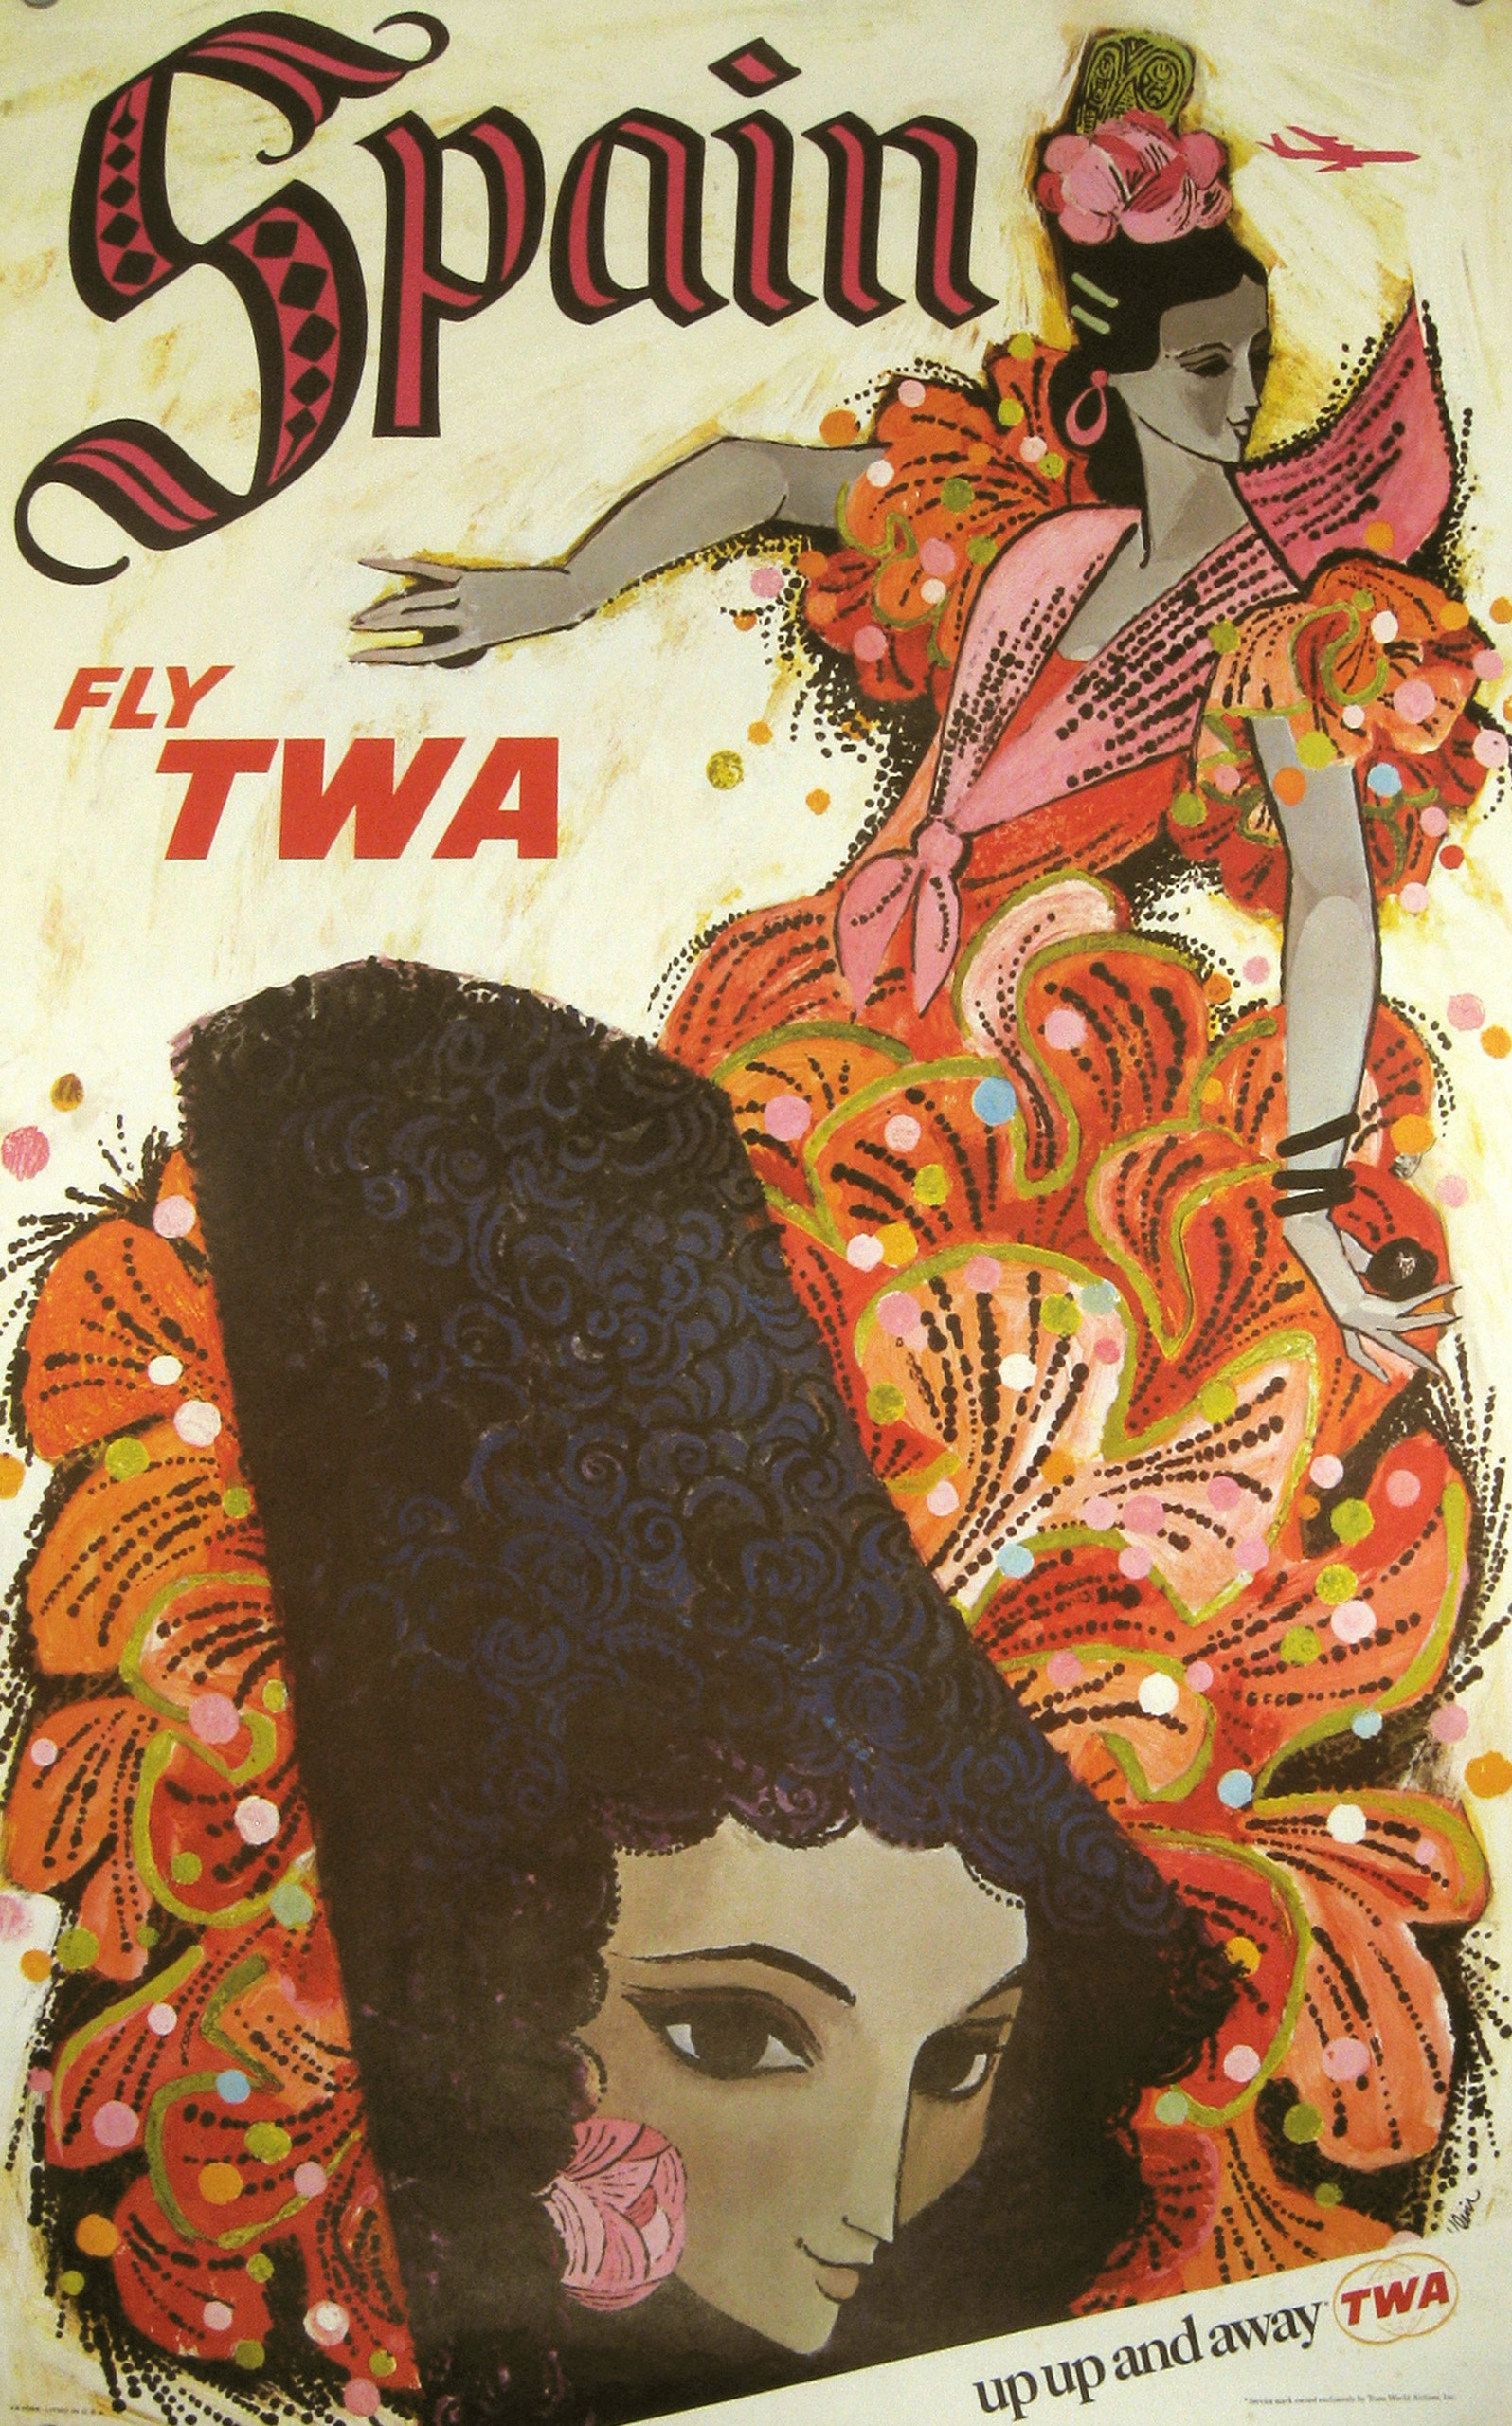 TWA Spain circa 1960.